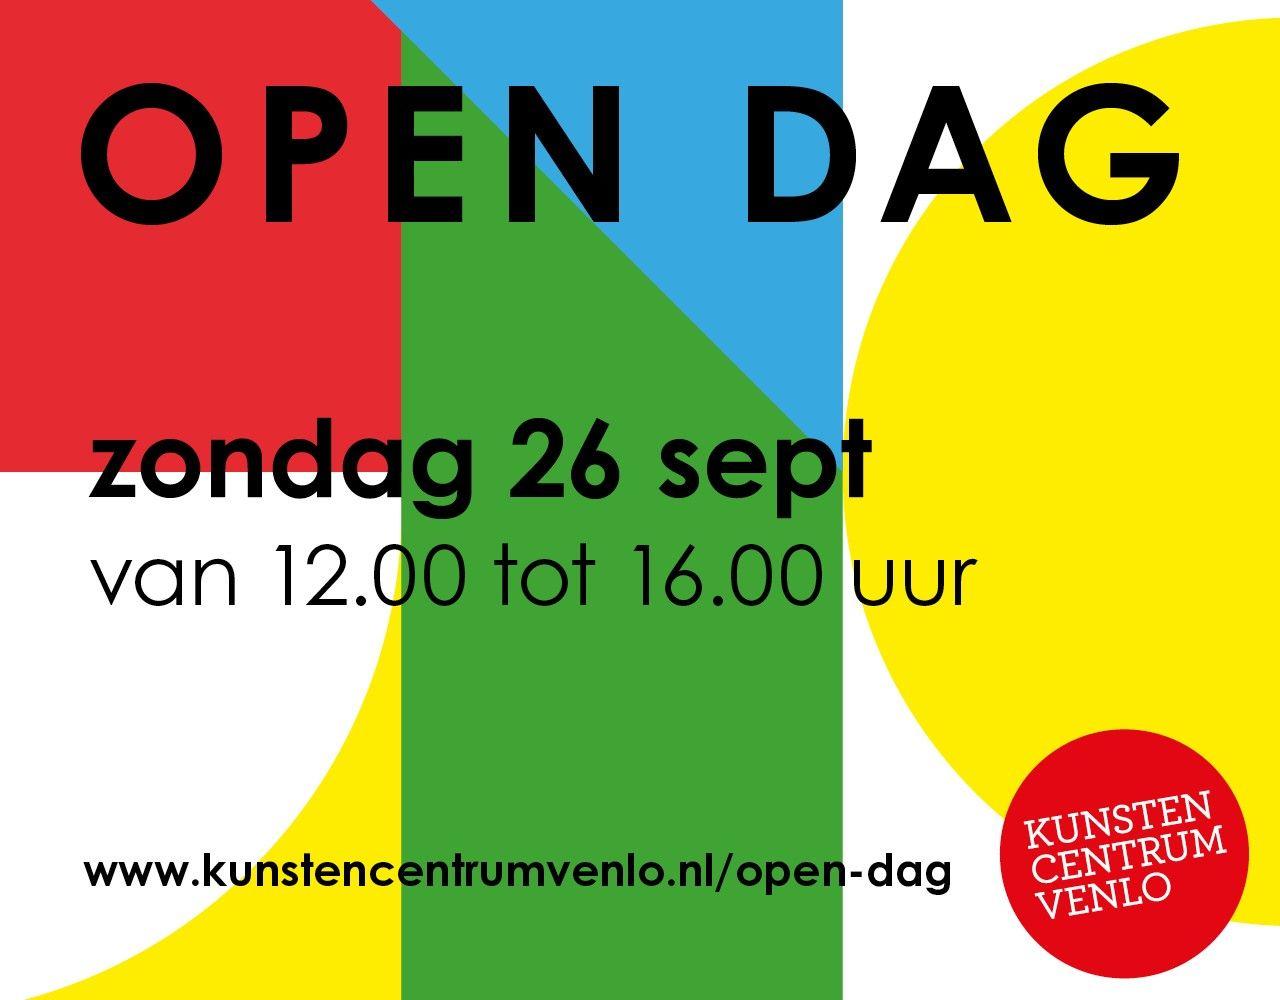 Kunsten centrum week 38 open dag rectangle